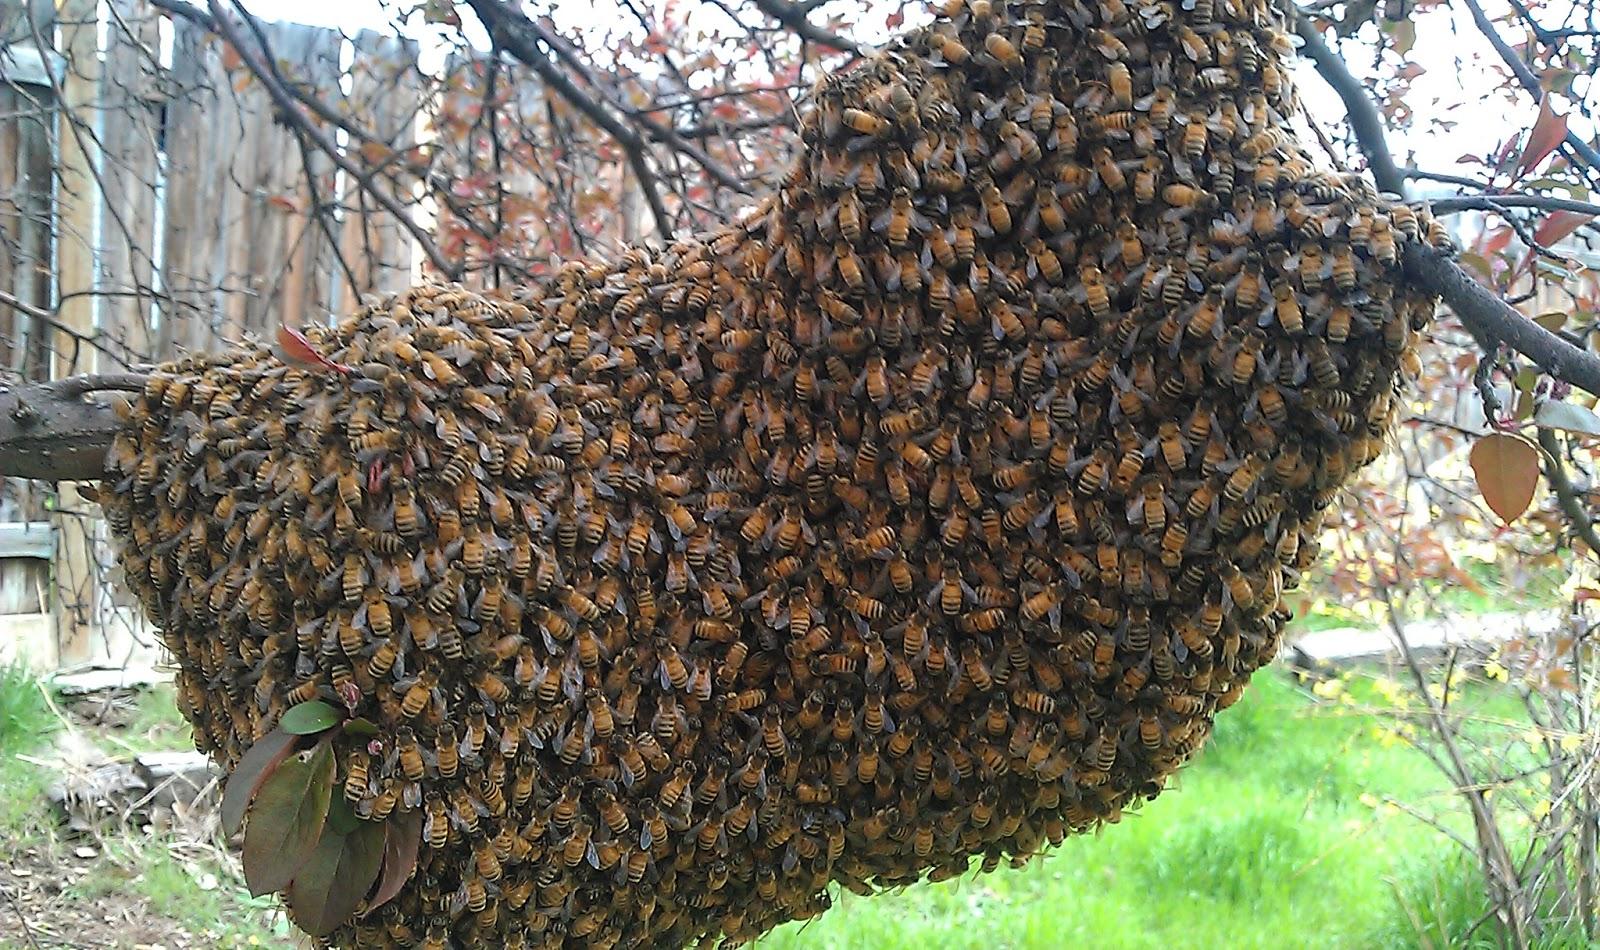 Por qué las avispas o abejas forman enjambres